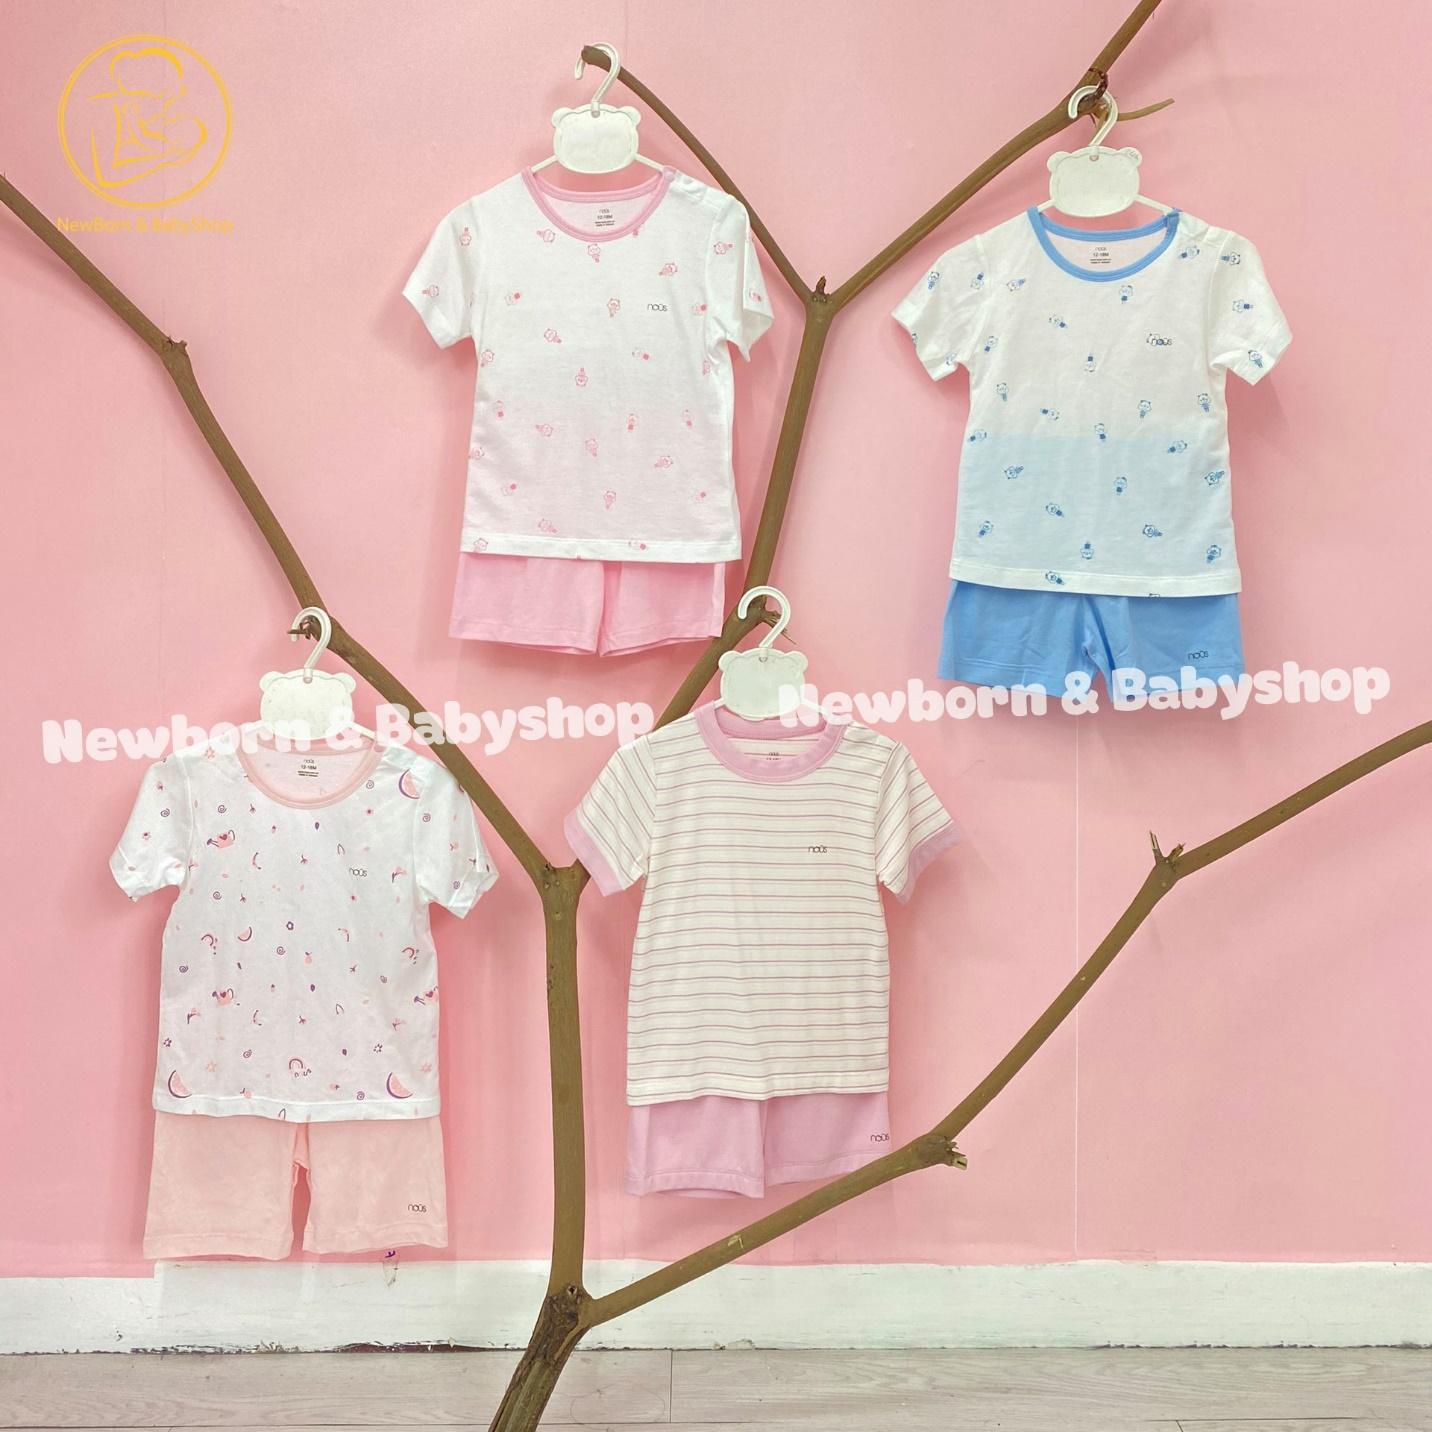 Newborn & Baby Shop gợi ý cách lựa chọn quần áo cho trẻ sơ sinh - Ảnh 2.